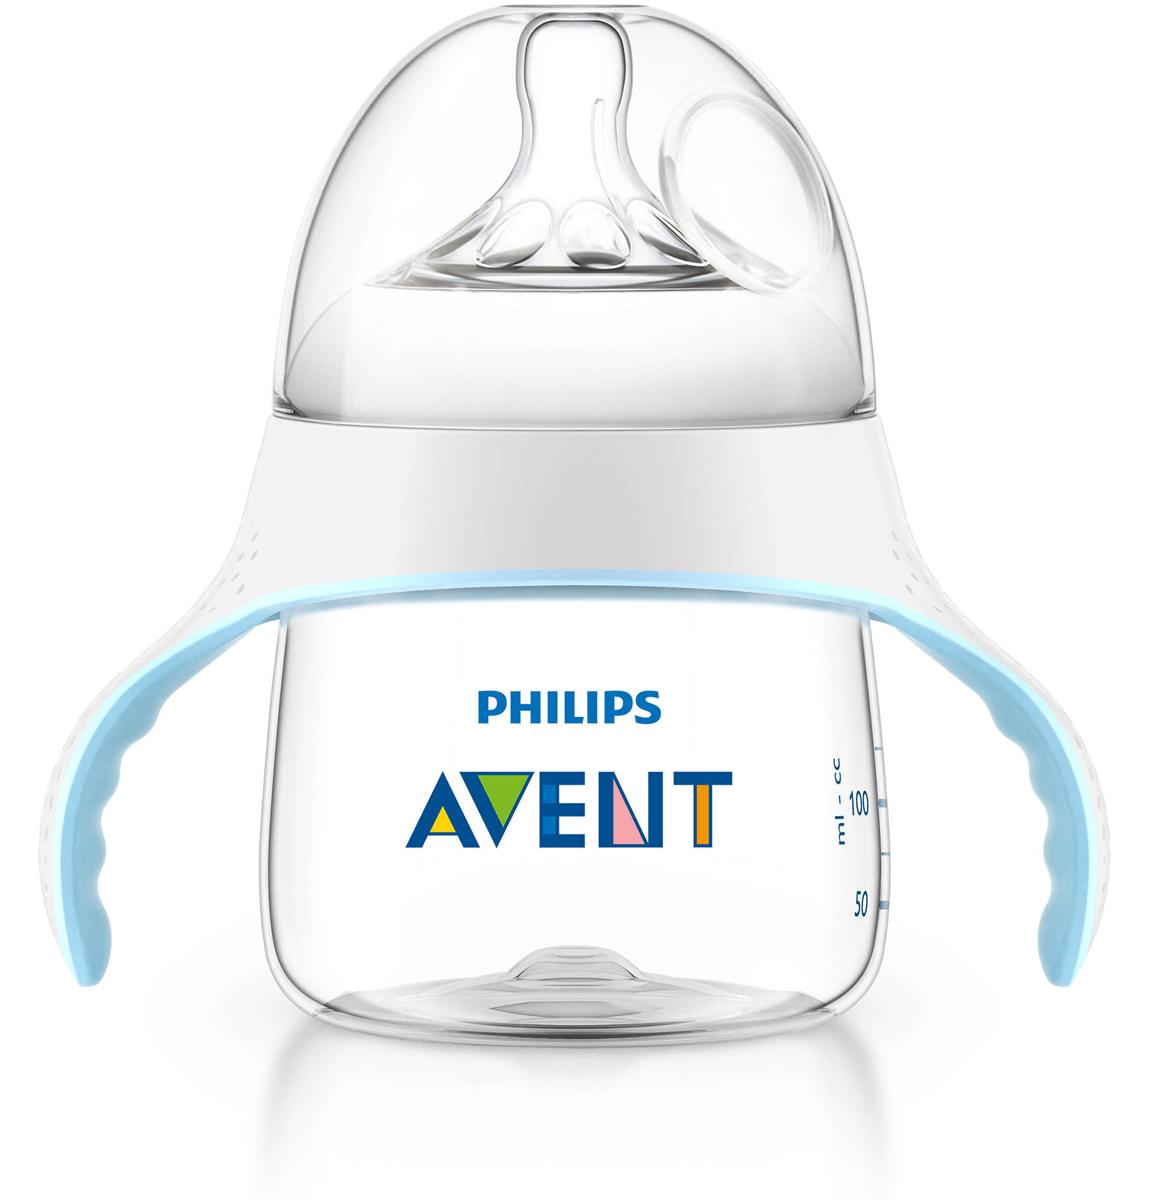 Philips Avent Тренировочный набор для перехода от бутылочки к чашке, 150 мл SCF251/00 -  Бутылочки